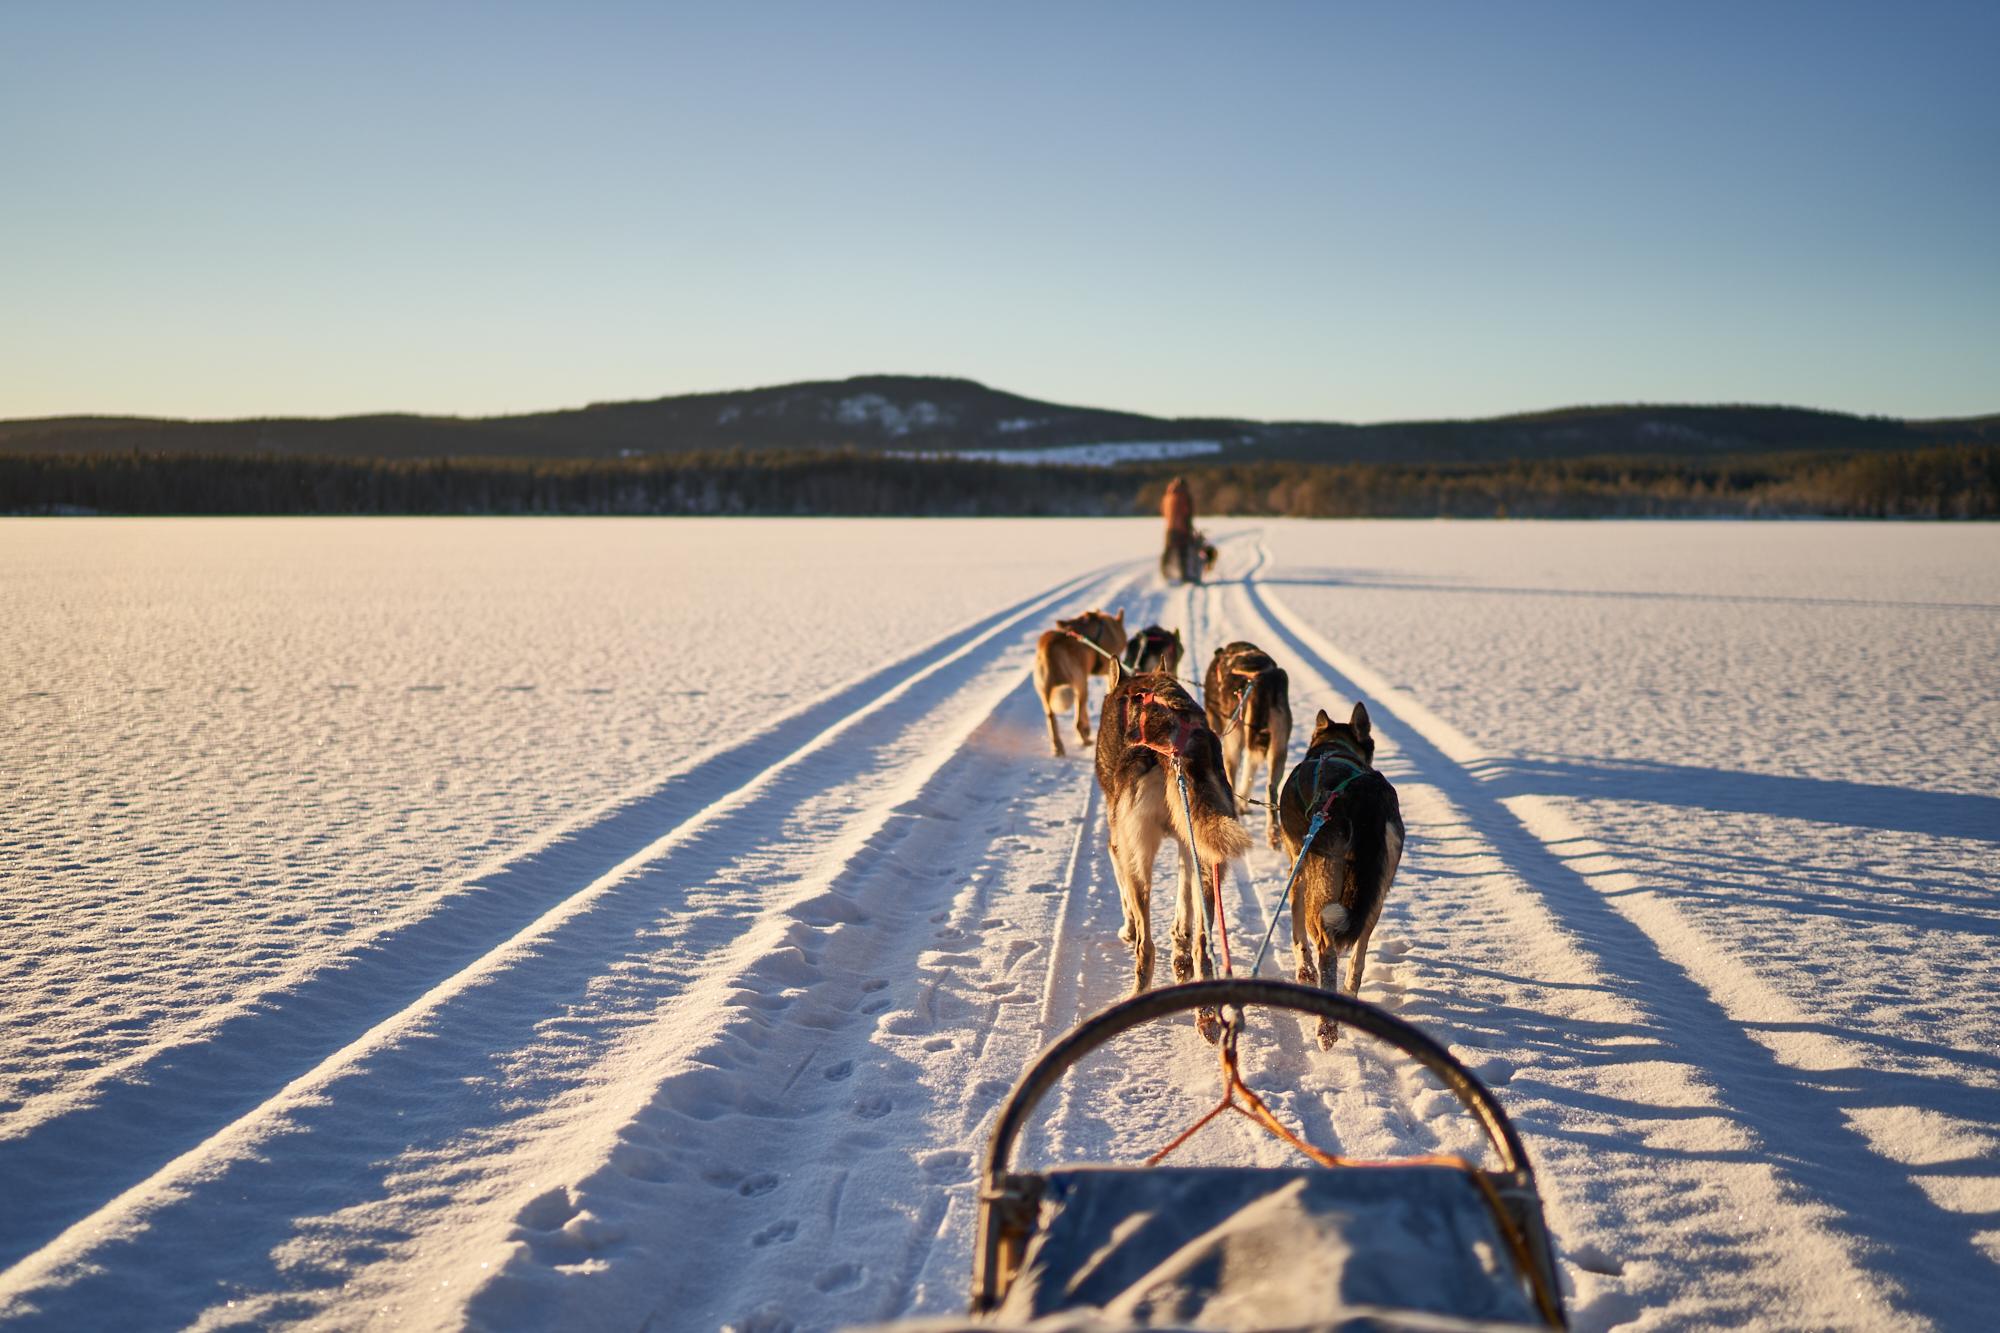 Zweden-2018-NIK01924.jpg